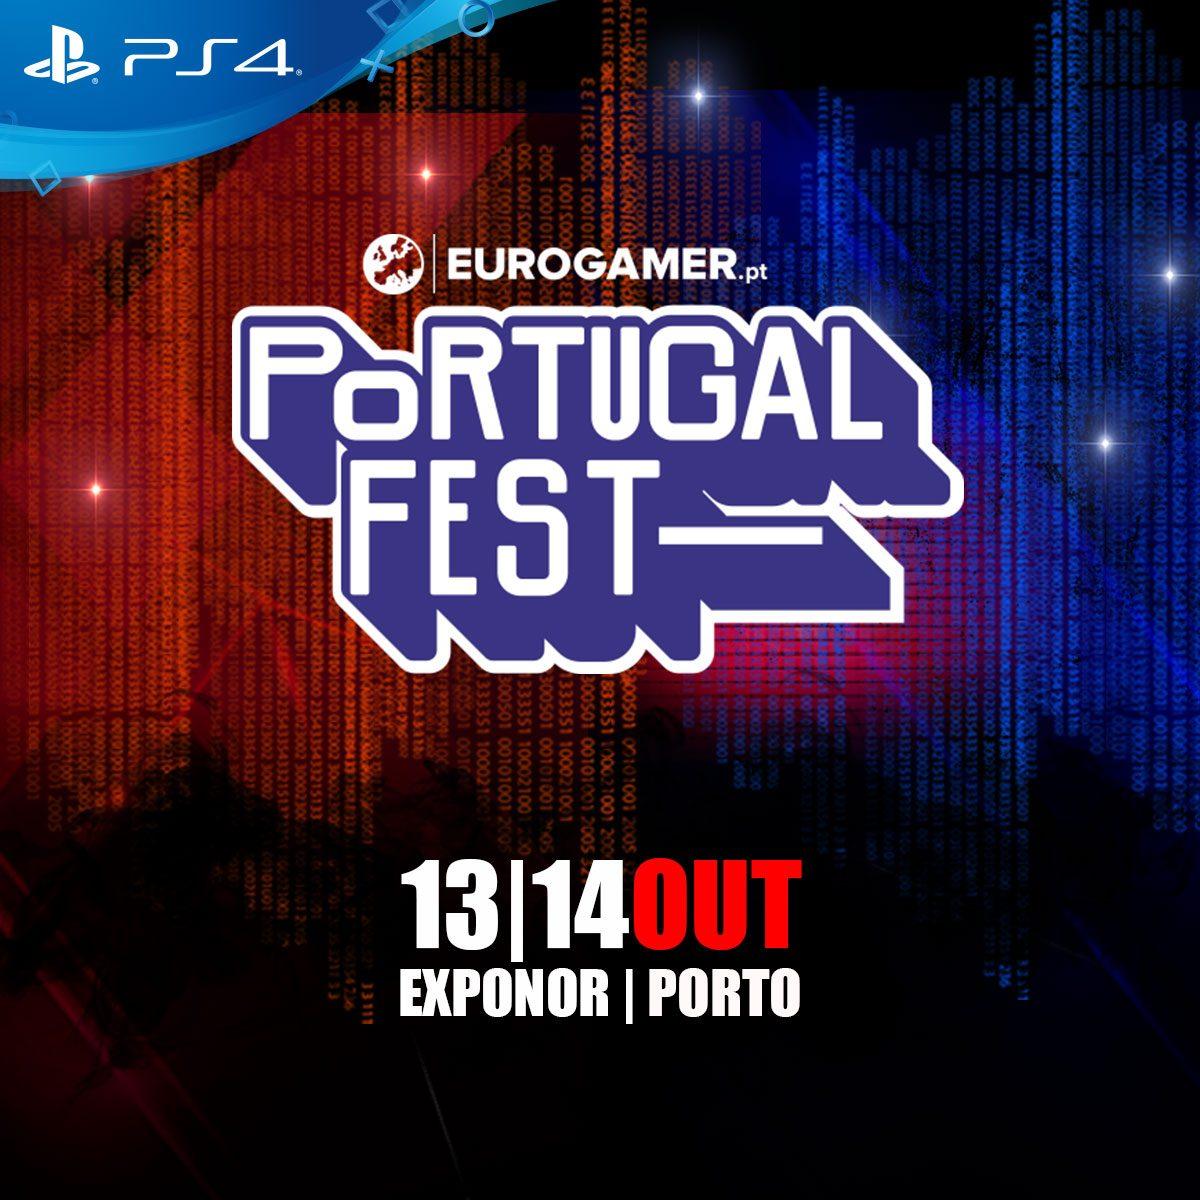 Playstation Eurogamer Portugal Fest 2018